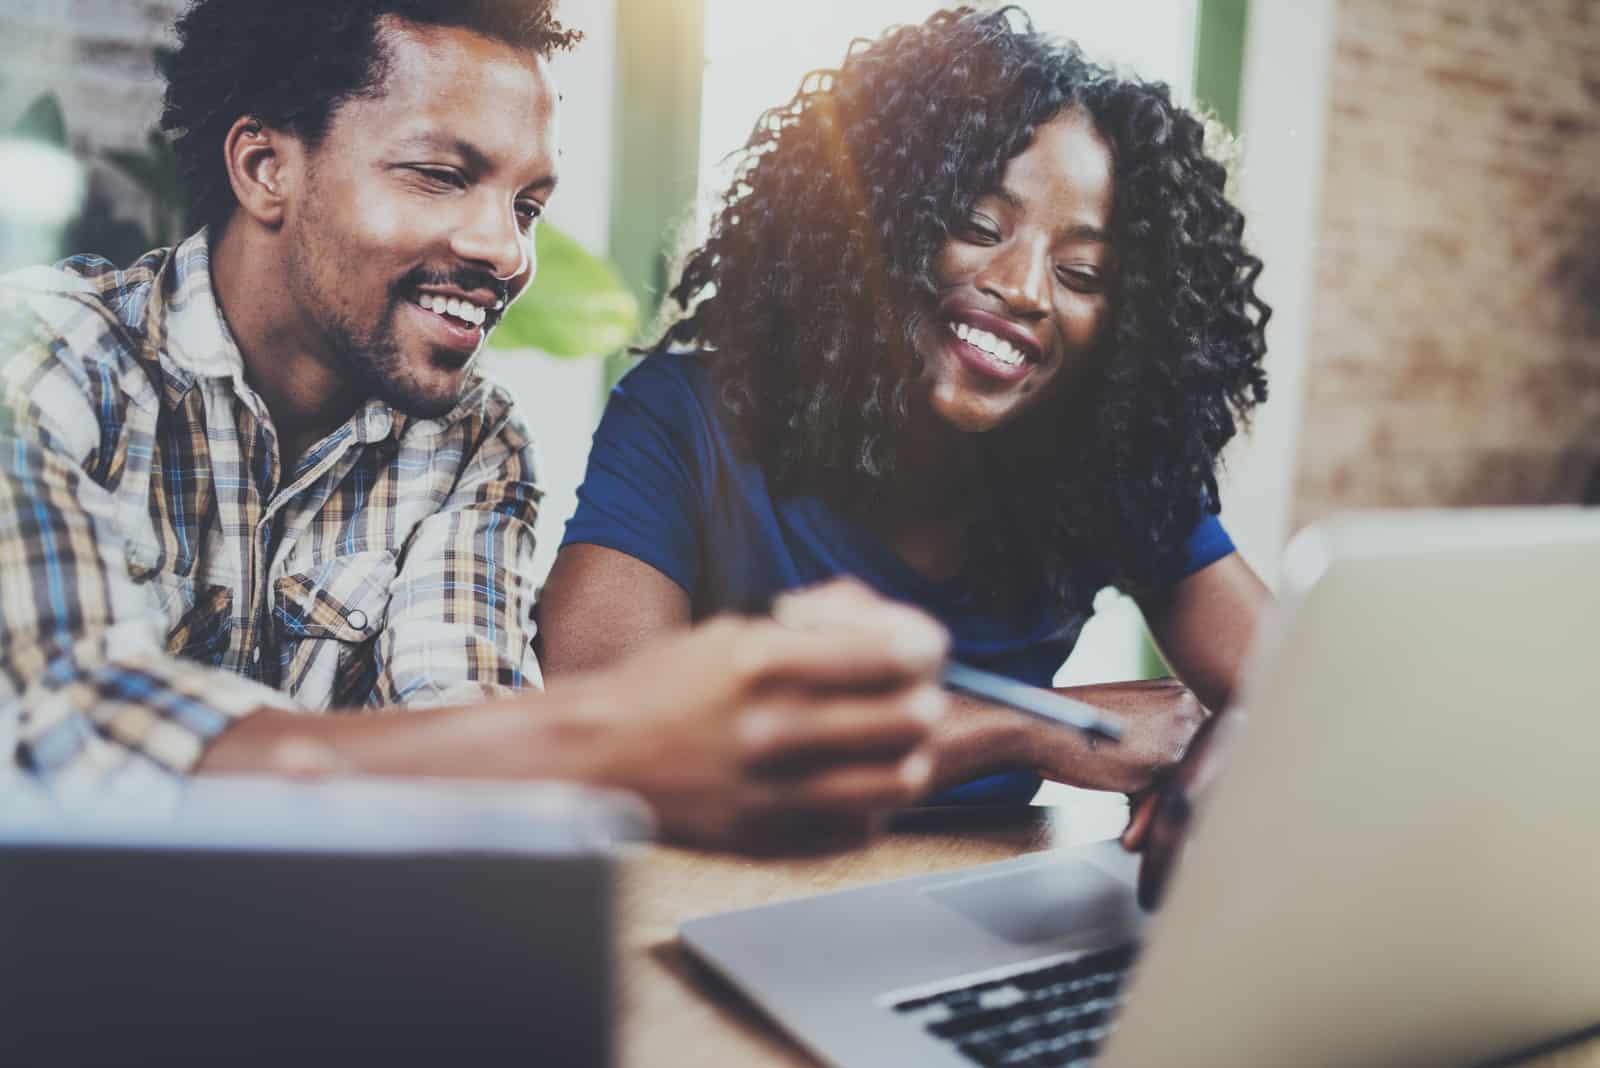 Ein lächelndes Paar benutzt einen Laptop